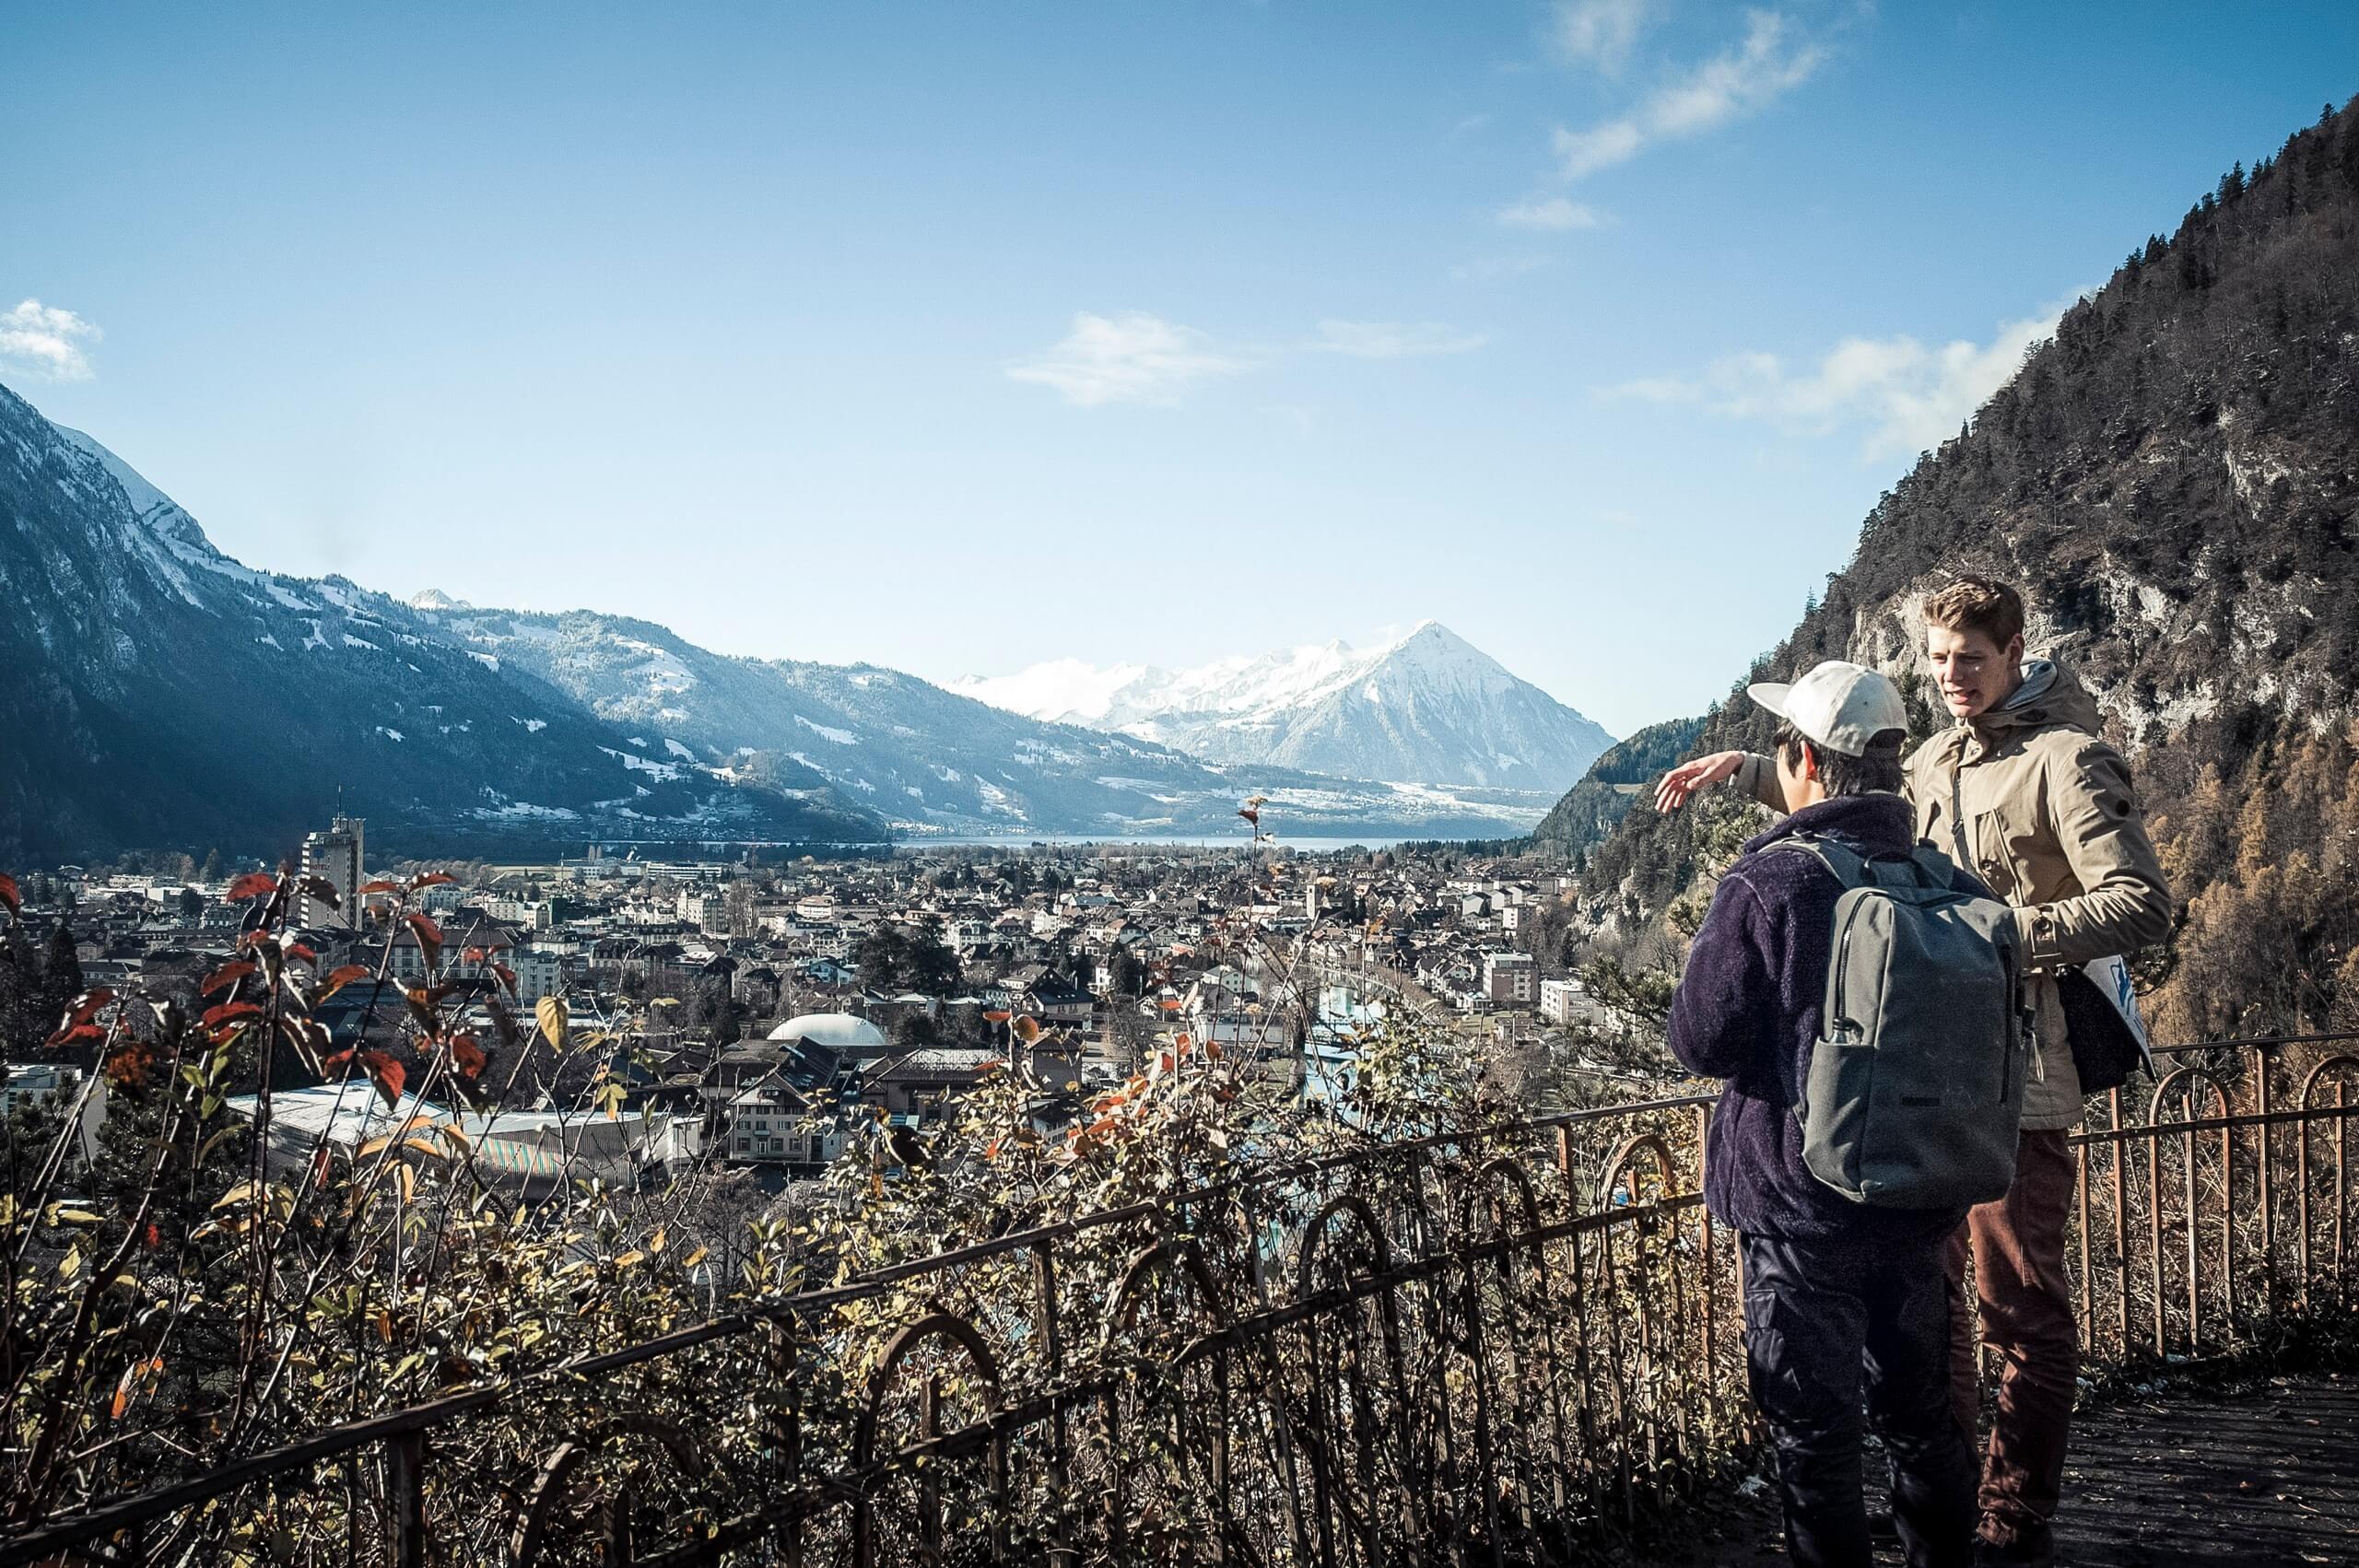 interlaken-walking-tours-aussicht-winter